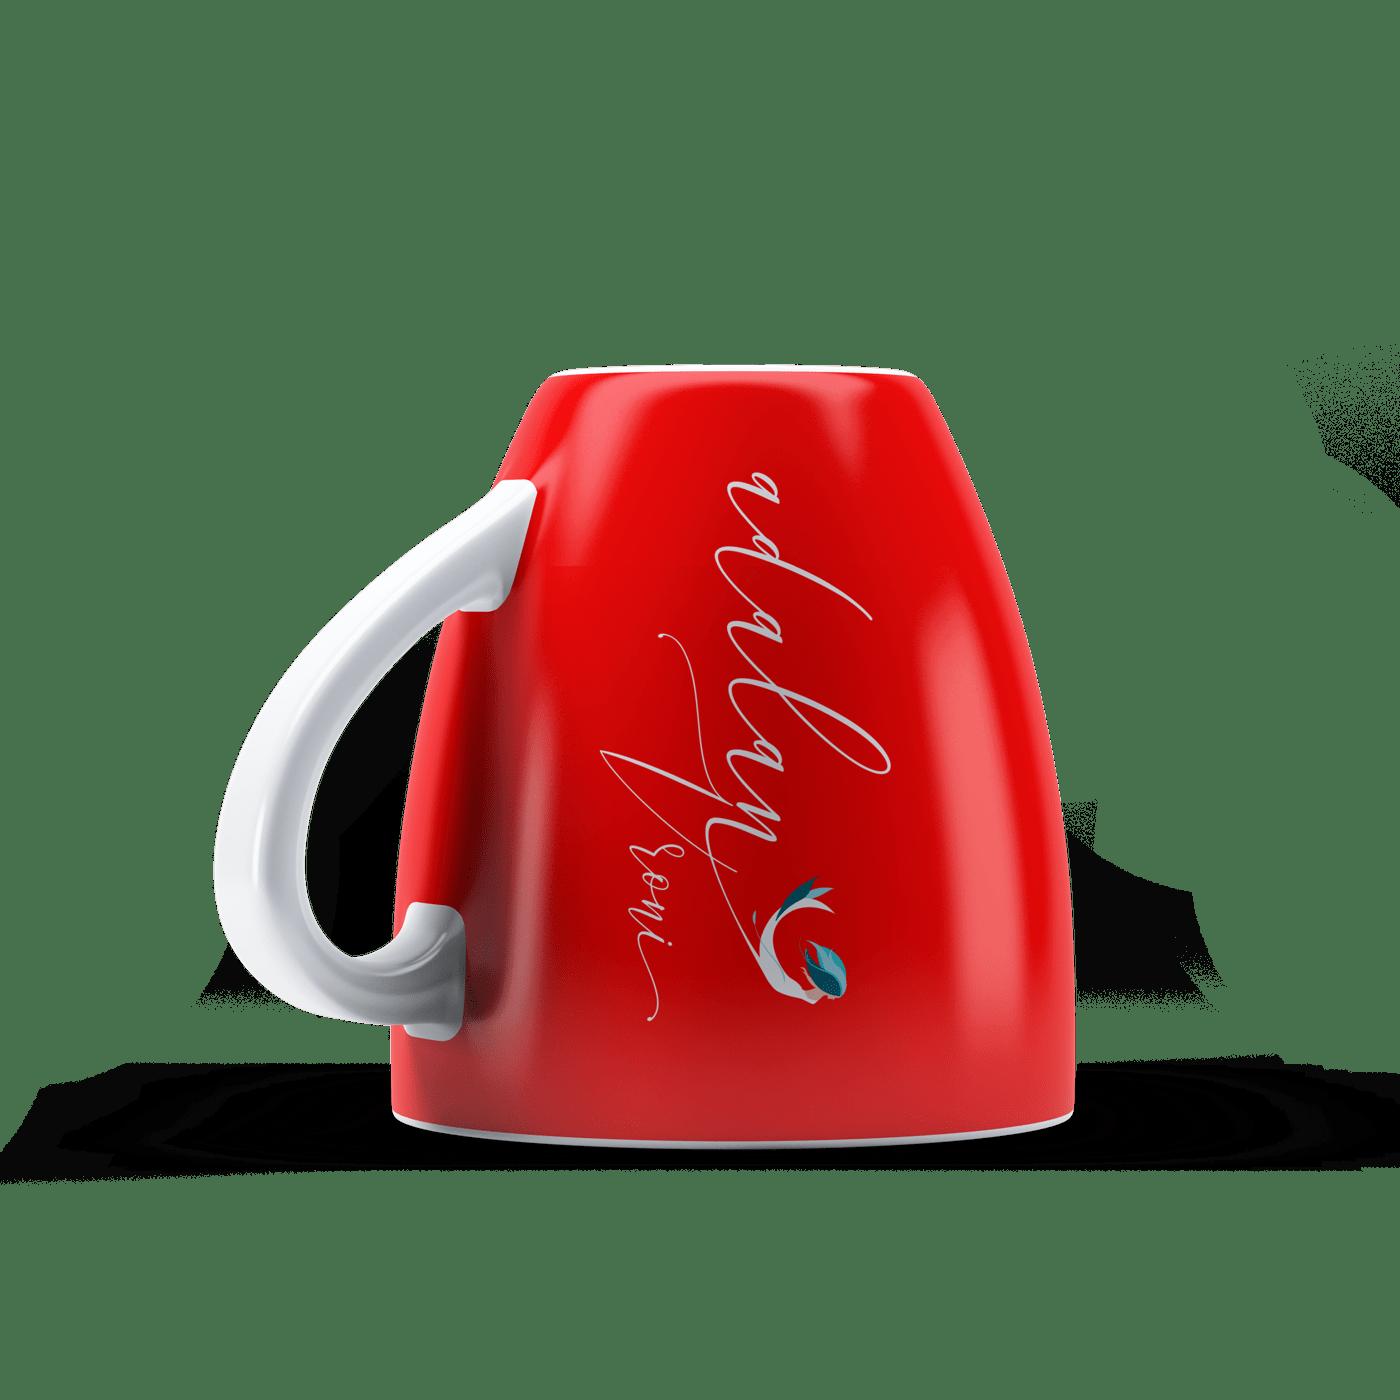 adaCup-red2b